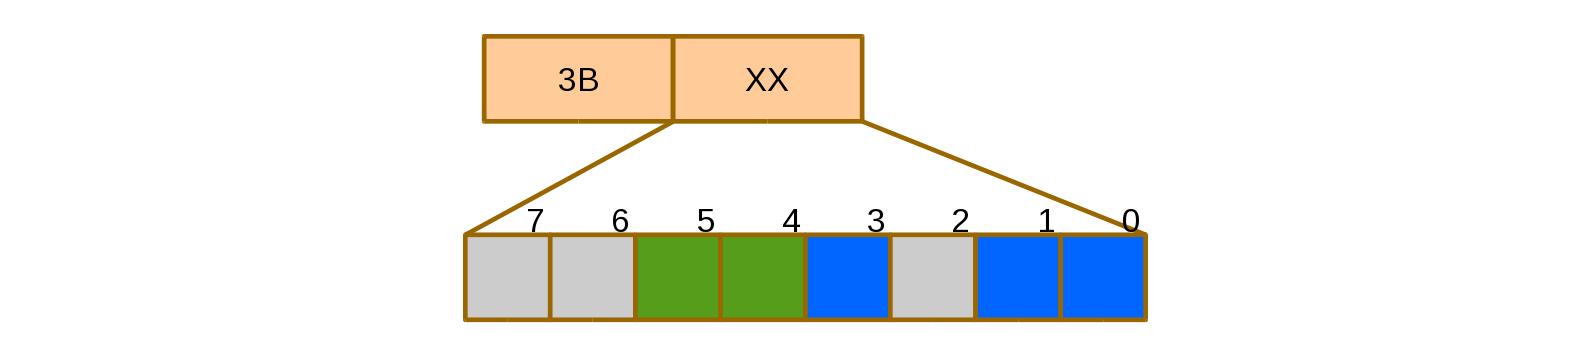 Протокол управления CD-чейнджером - 4